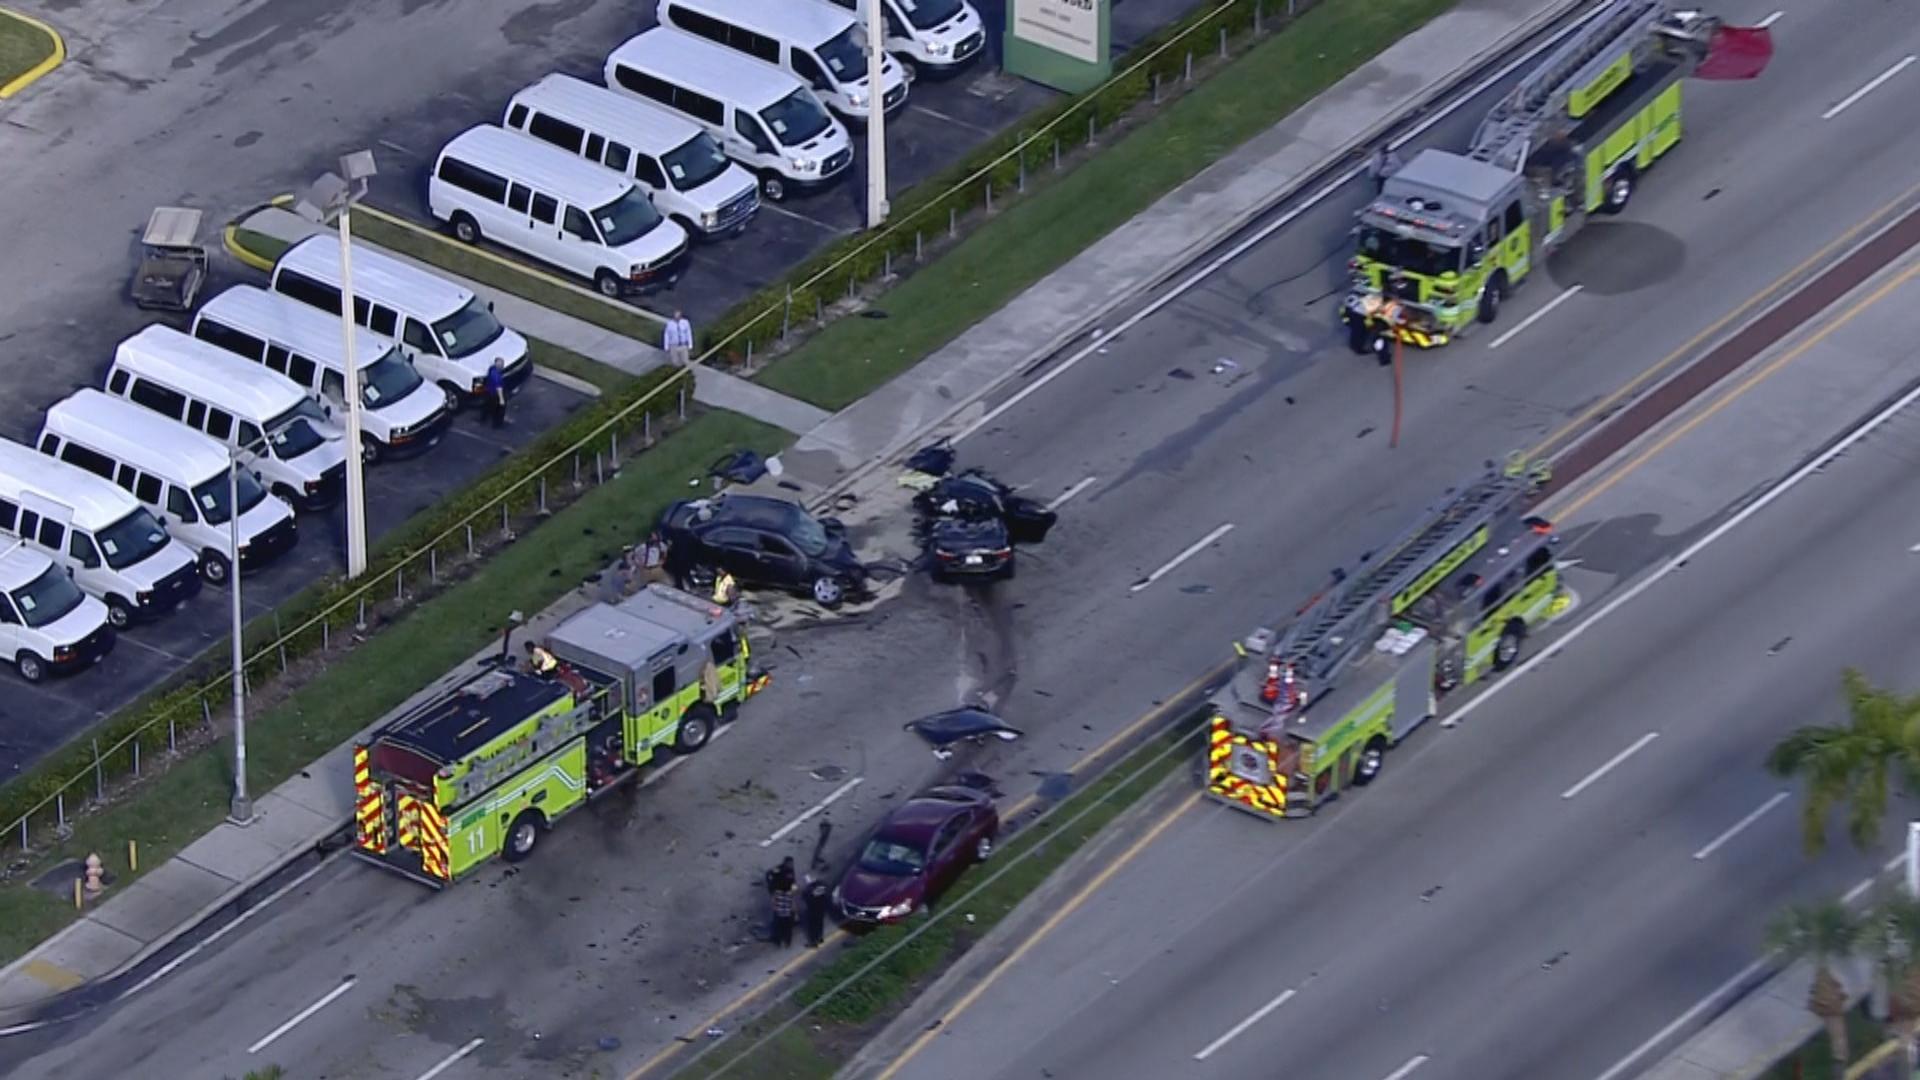 Resultado de imagen para 2 injured in 3-car collision in Miami Gardens, firefighters say